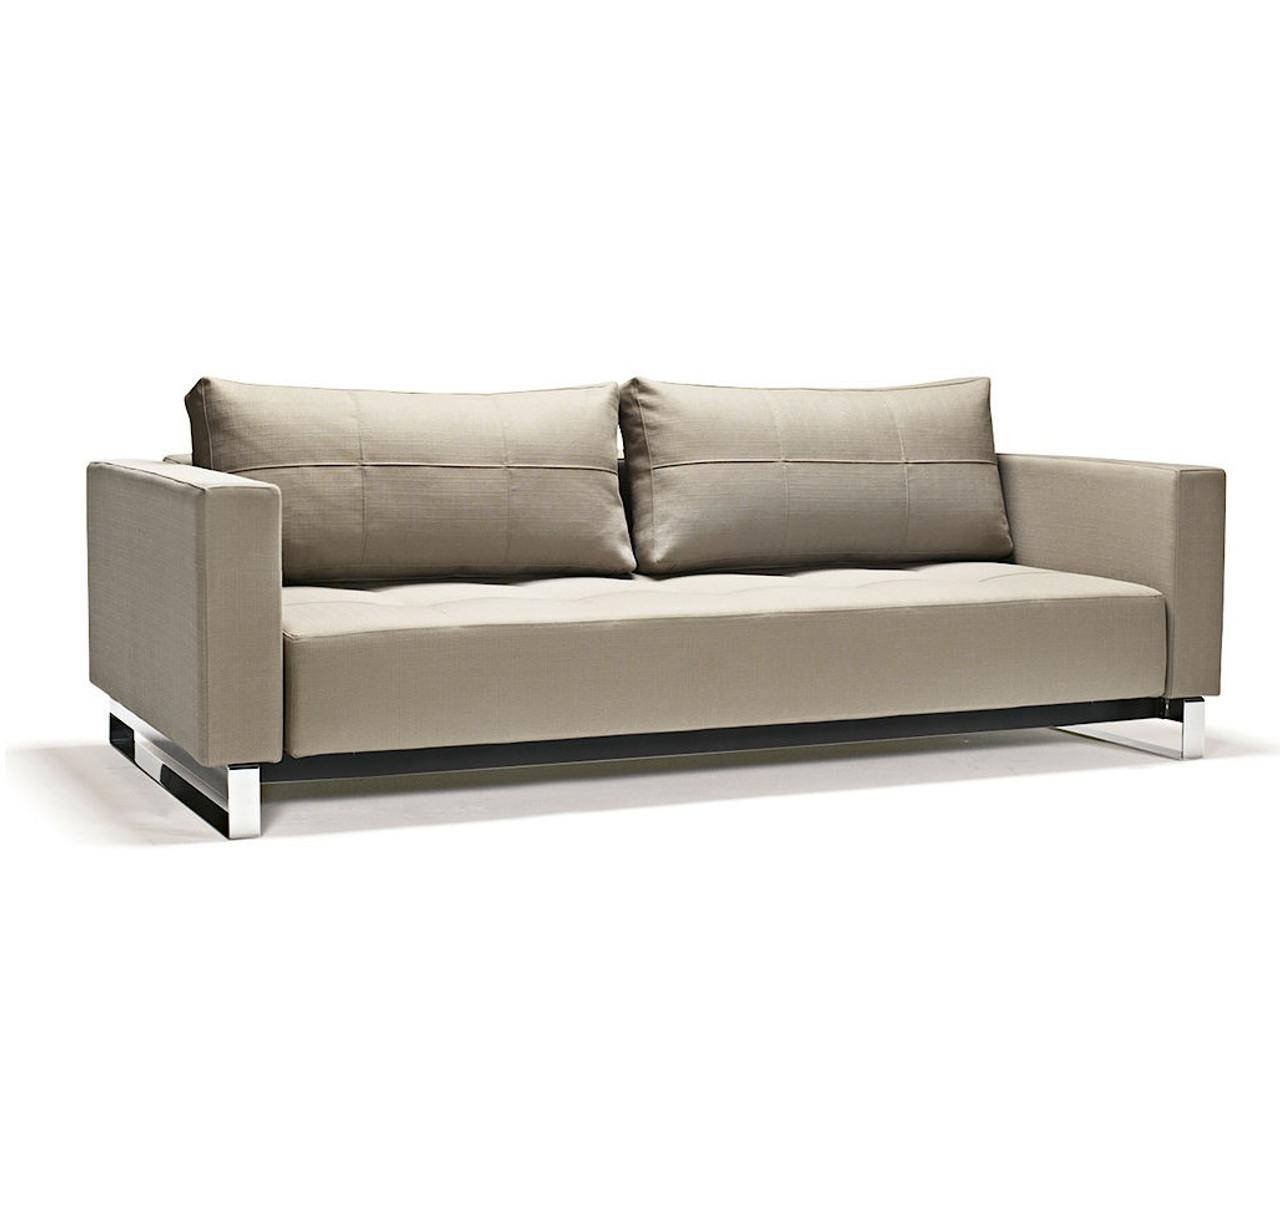 Cassius Deluxe Excess Lounger Sleeper Sofa Bed Queen